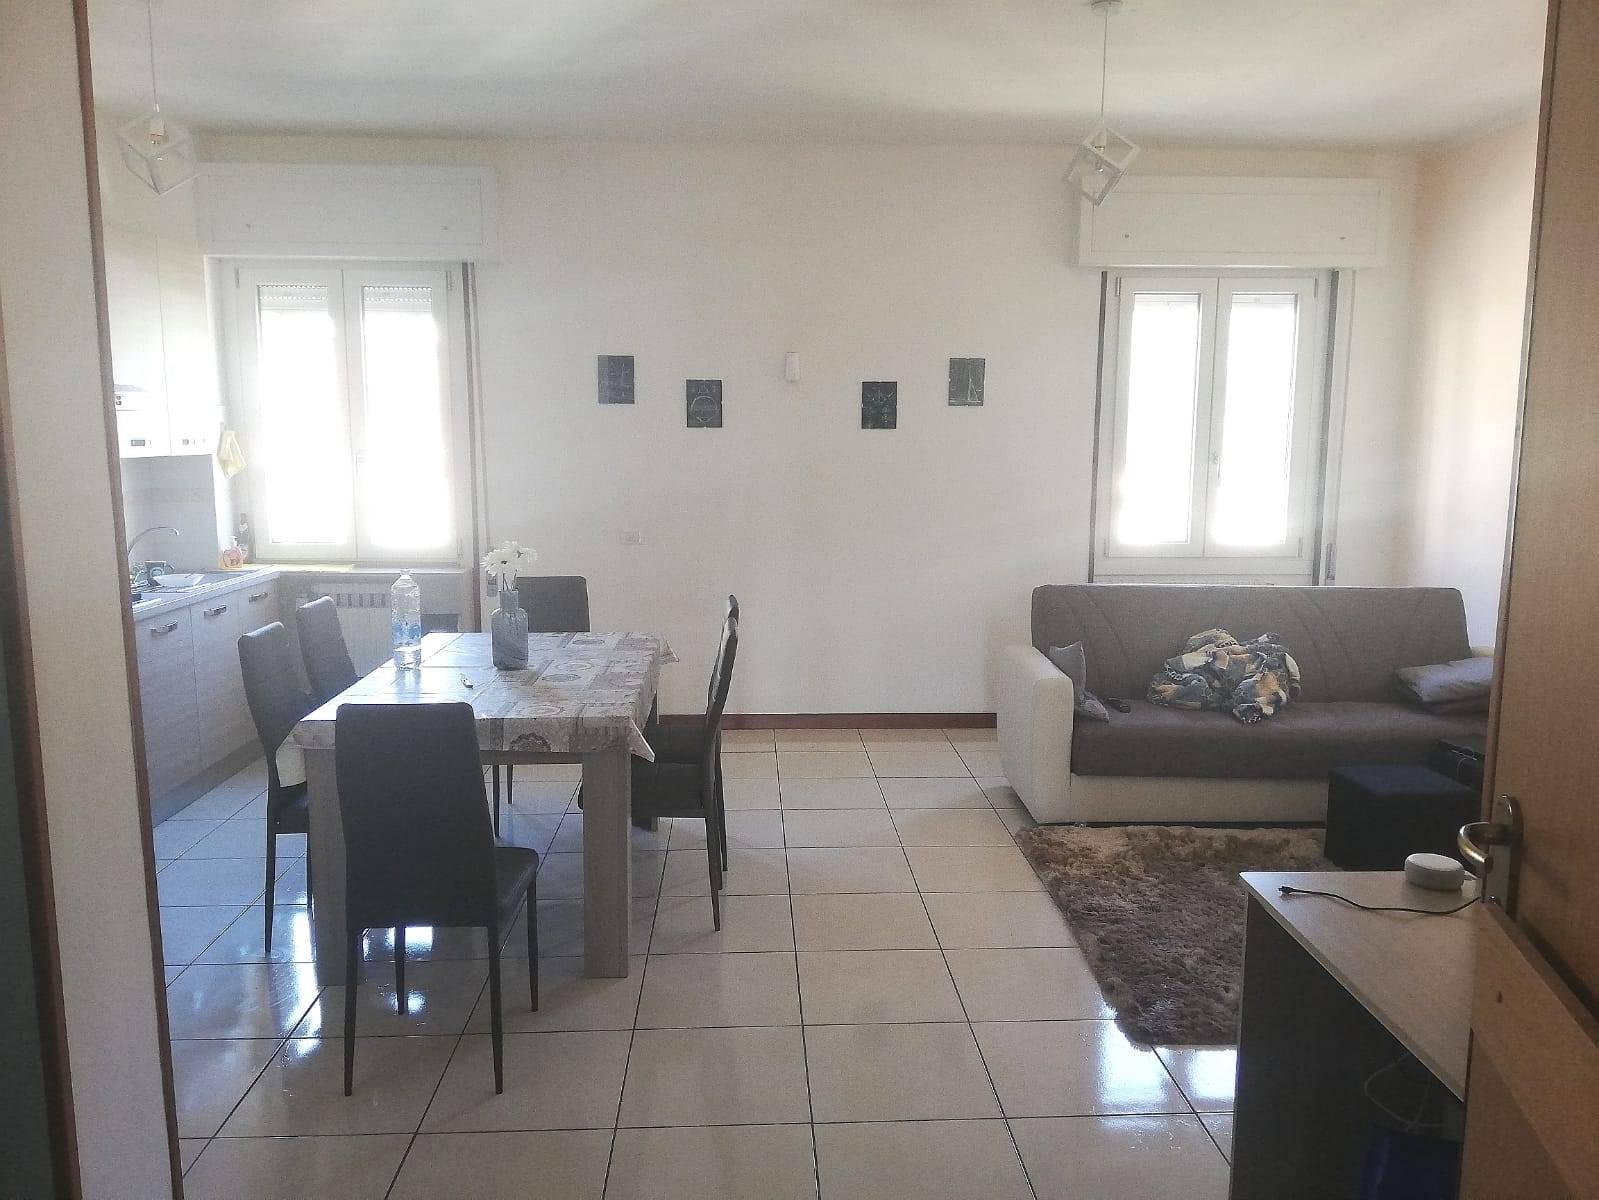 Appartamento in vendita a Lumezzane, 3 locali, zona Località: LumezzaneSanSebastiano, prezzo € 75.000 | CambioCasa.it